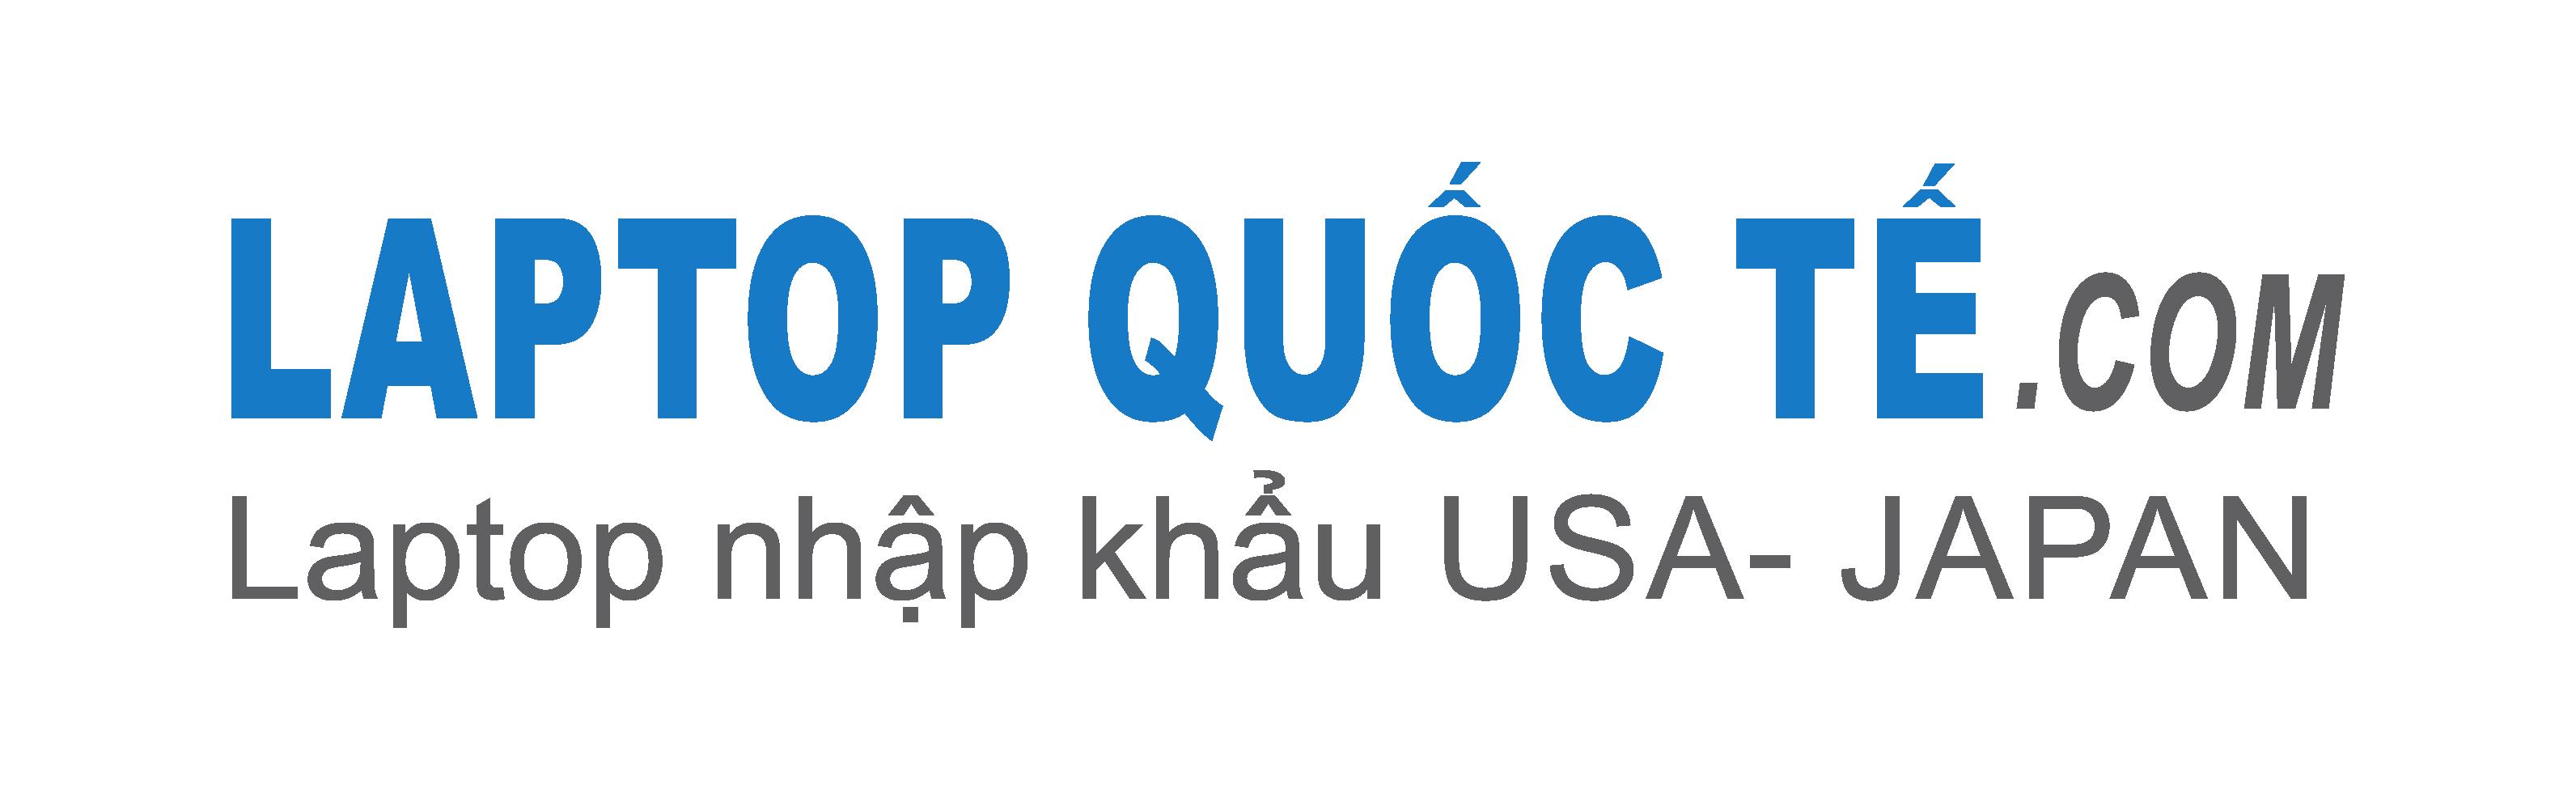 Laptop nhập khẩu USA-JAPAN